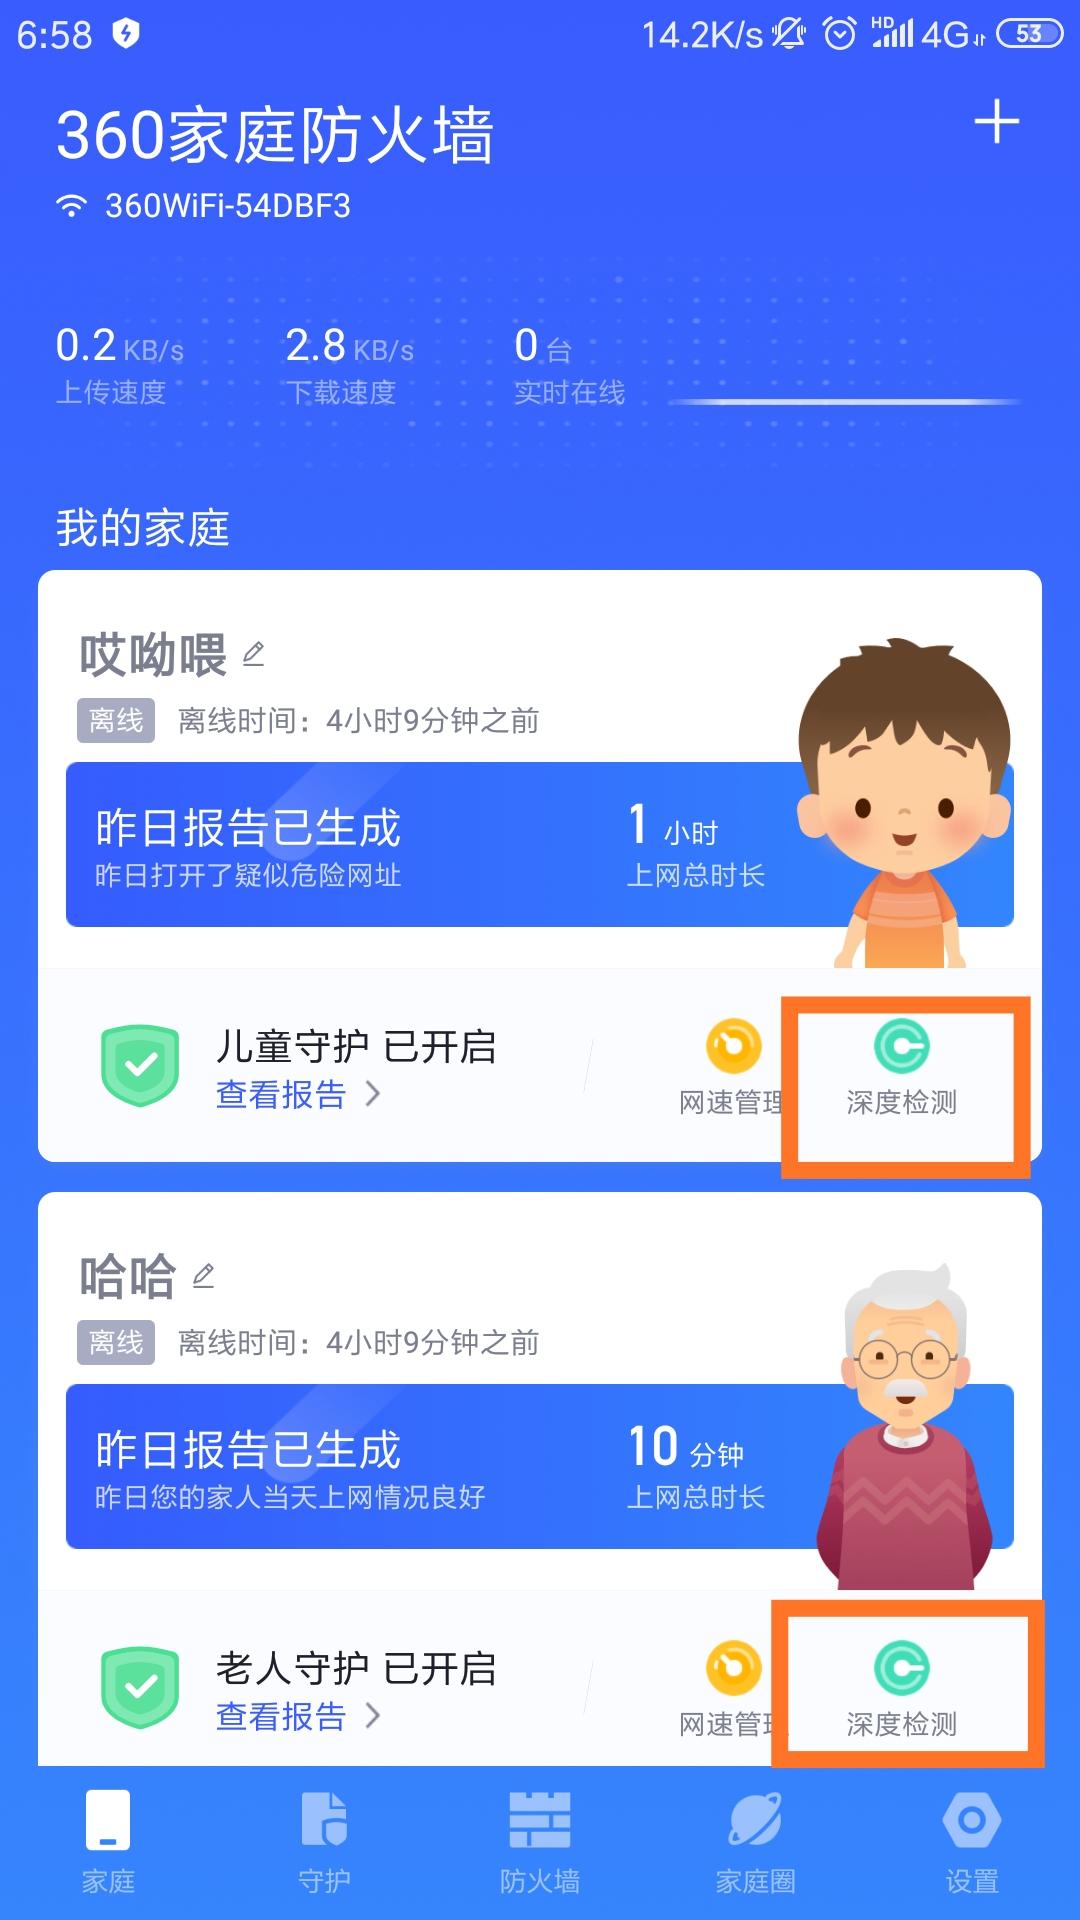 Screenshot_2019-04-30-06-58-12-496_com.qihoo.srouter.n300.png